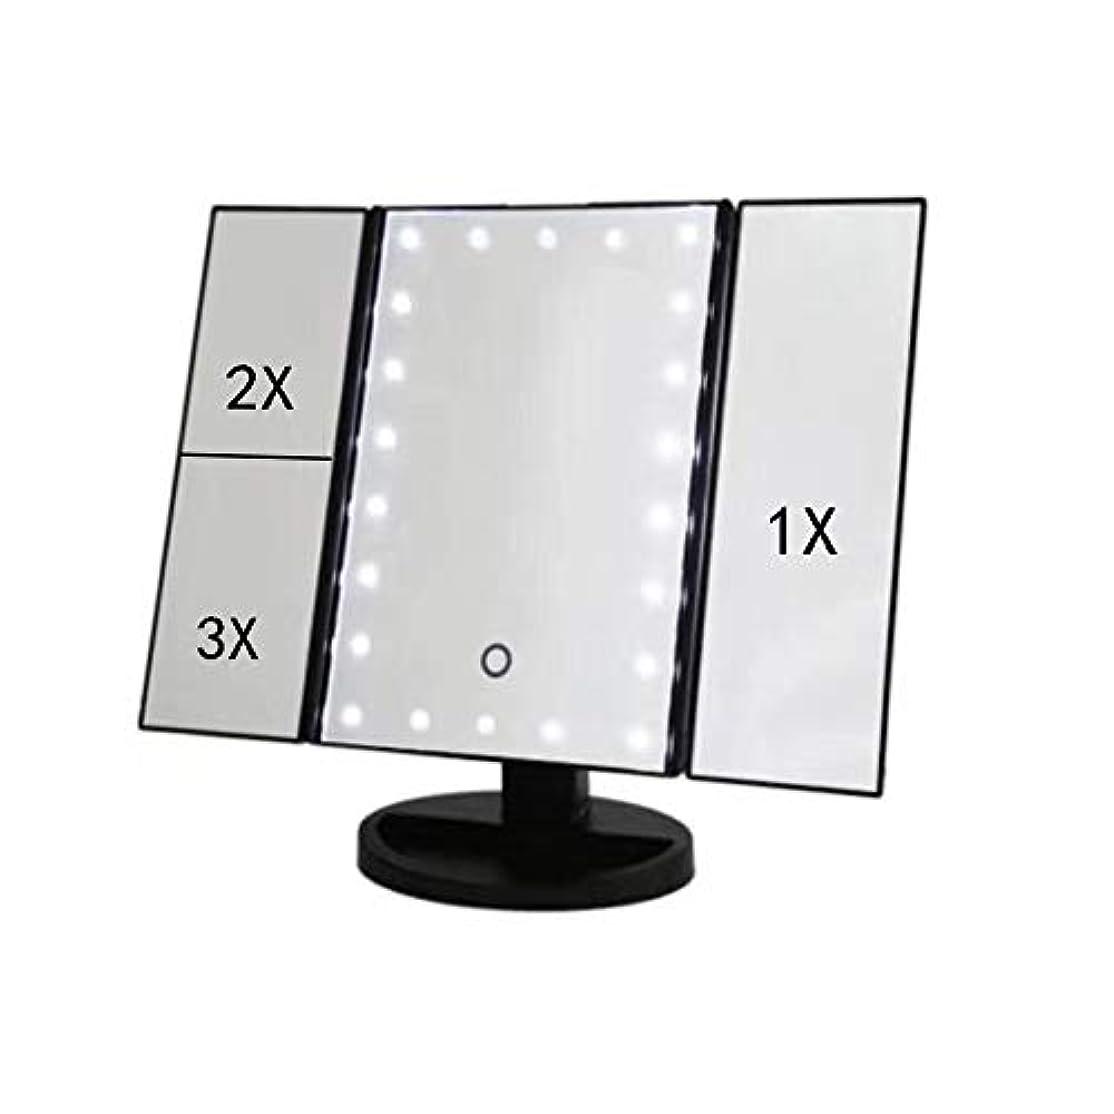 化粧鏡 女優ミラー led付き 折りたたみ 三面鏡 卓上 化粧ミラー 鏡 明 るさ調整可能 2&3倍拡大鏡付 180 °回転 USB/単三電池給電 (ブラック)